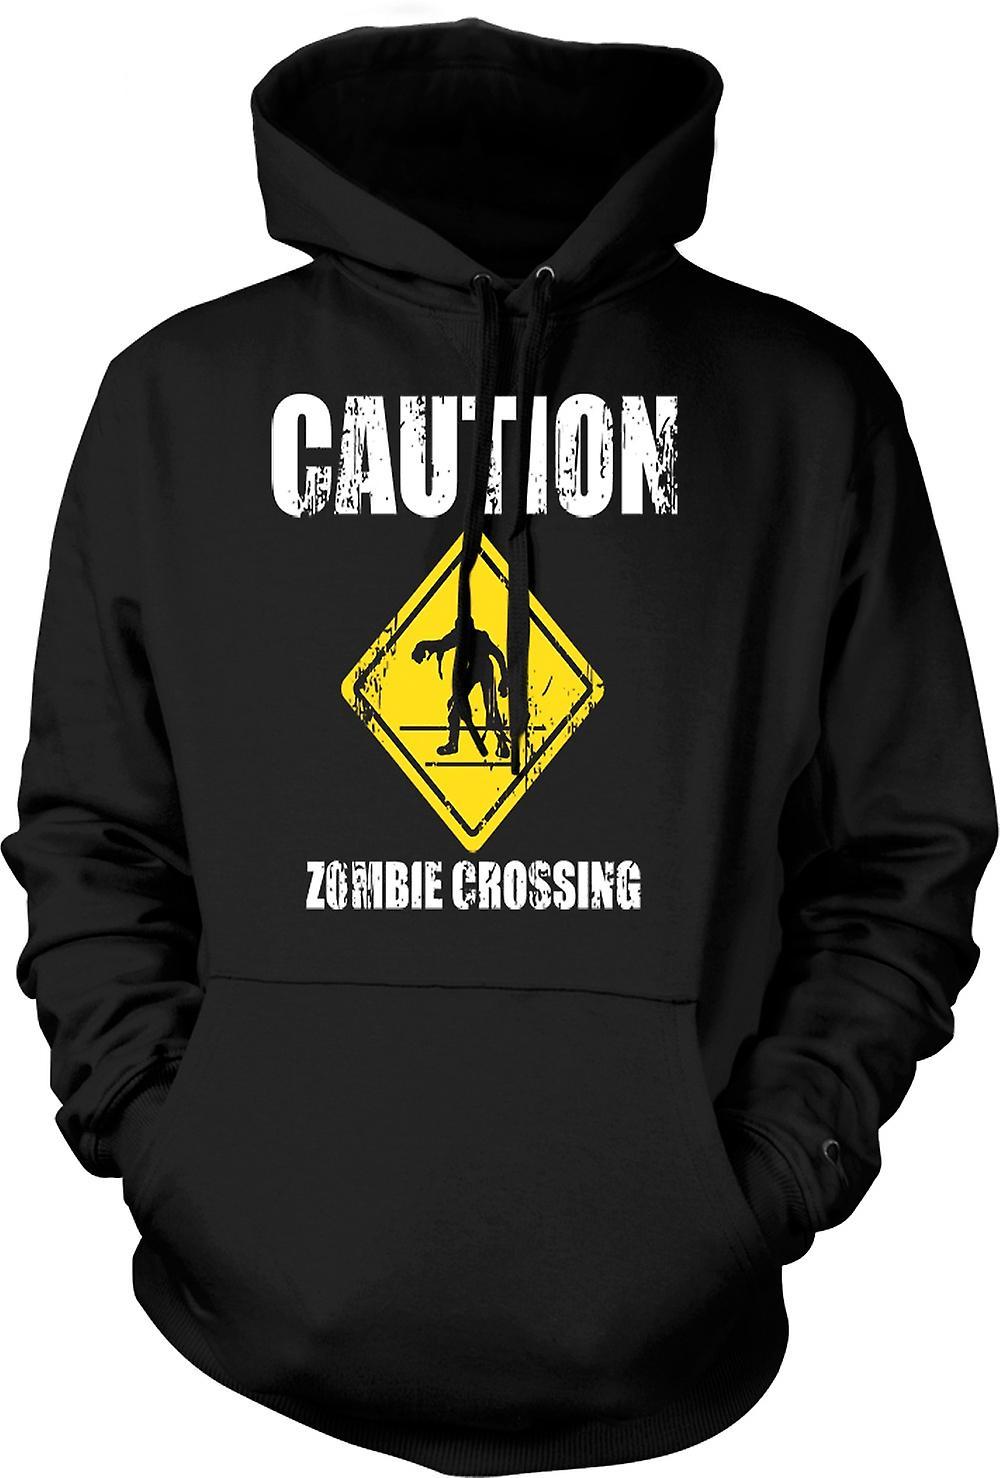 Kids Hoodie - Zombie Crossing - Funny - Horror